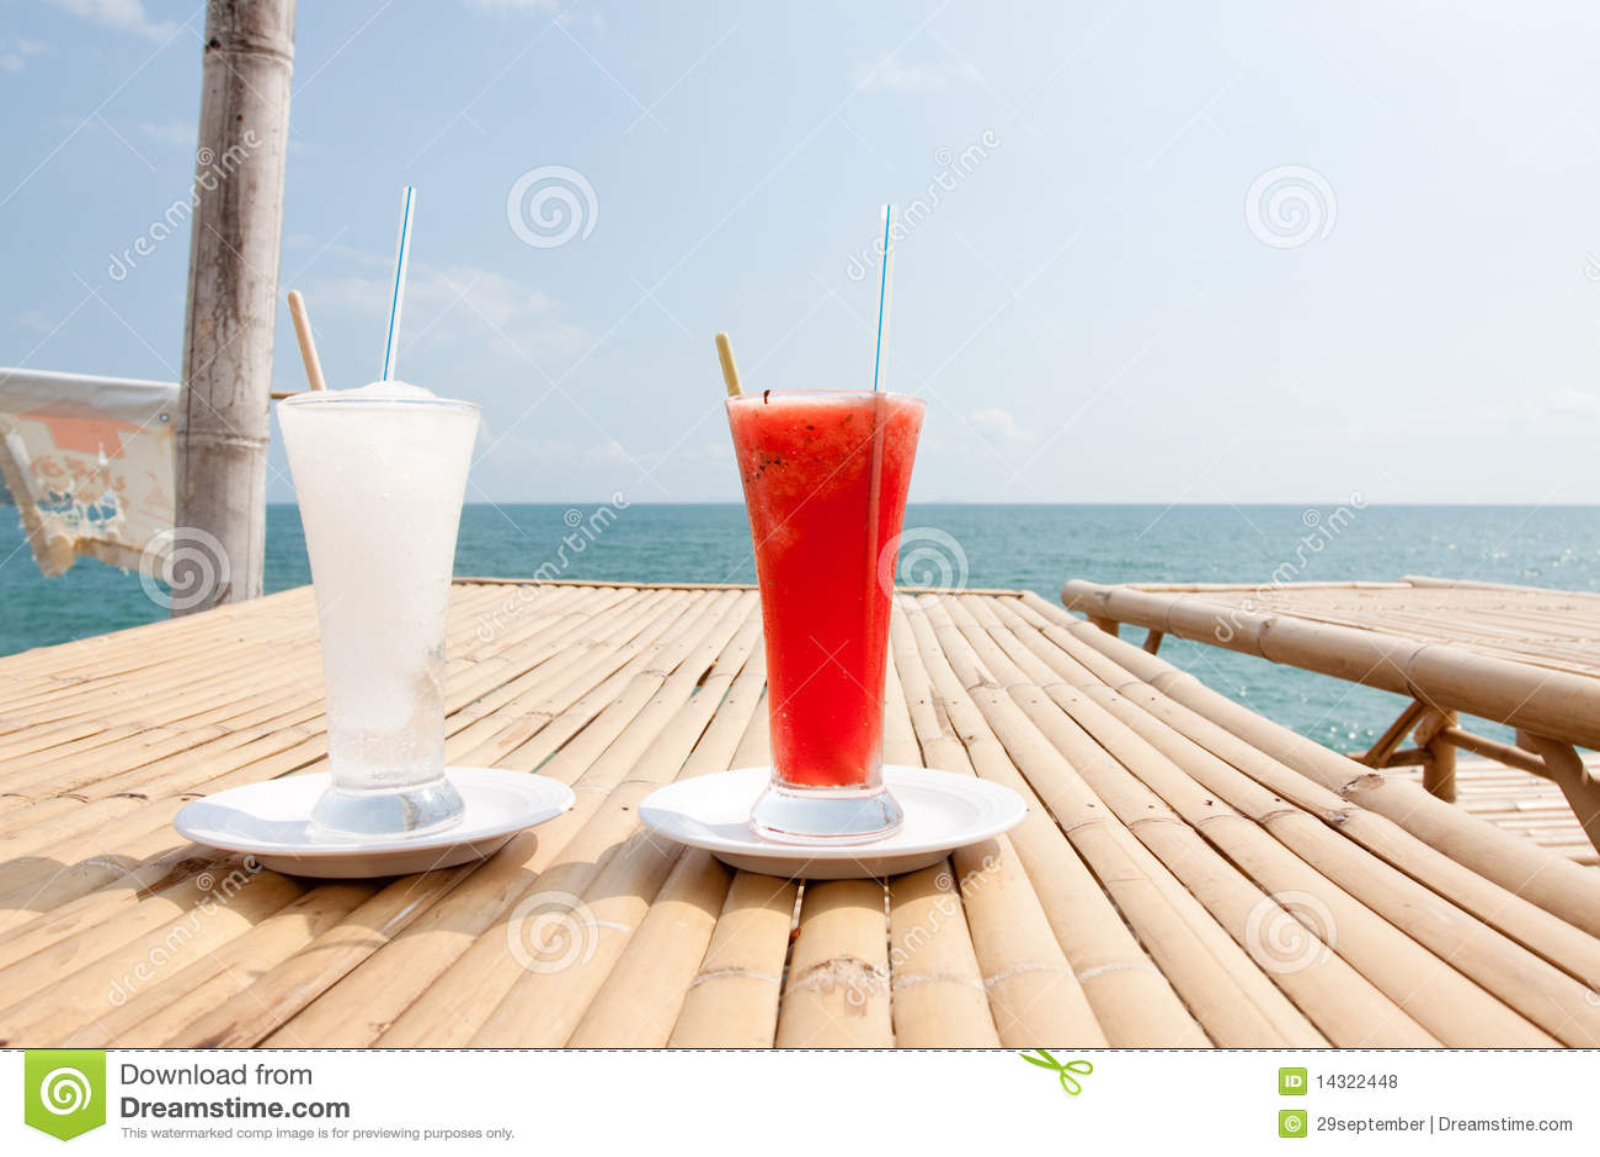 Limonade Und Wasser Malon Stockfoto Bild Von Pour Bambus 14322448